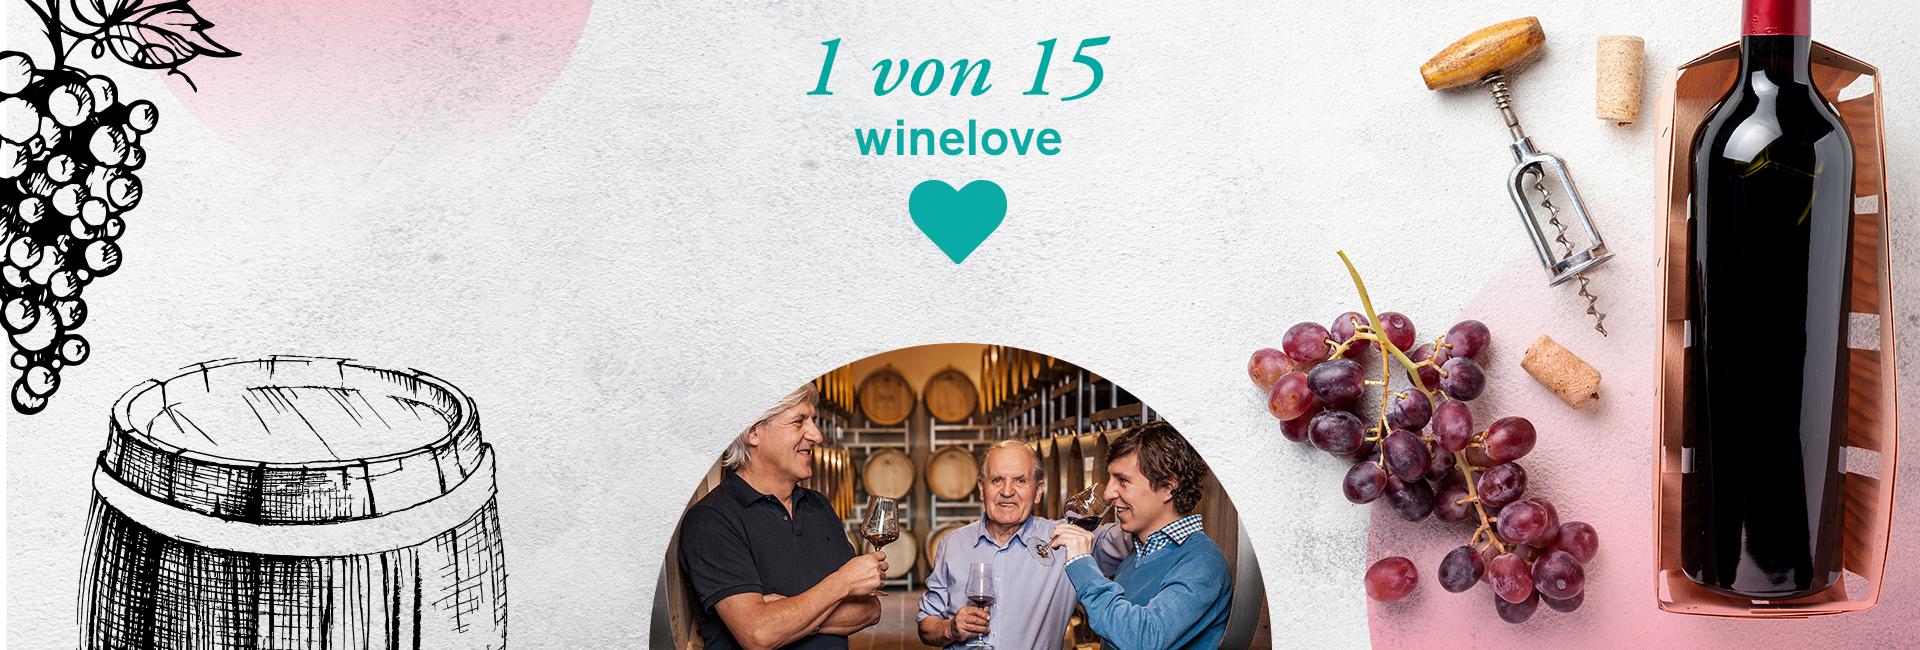 1. Weingläschen 🍷